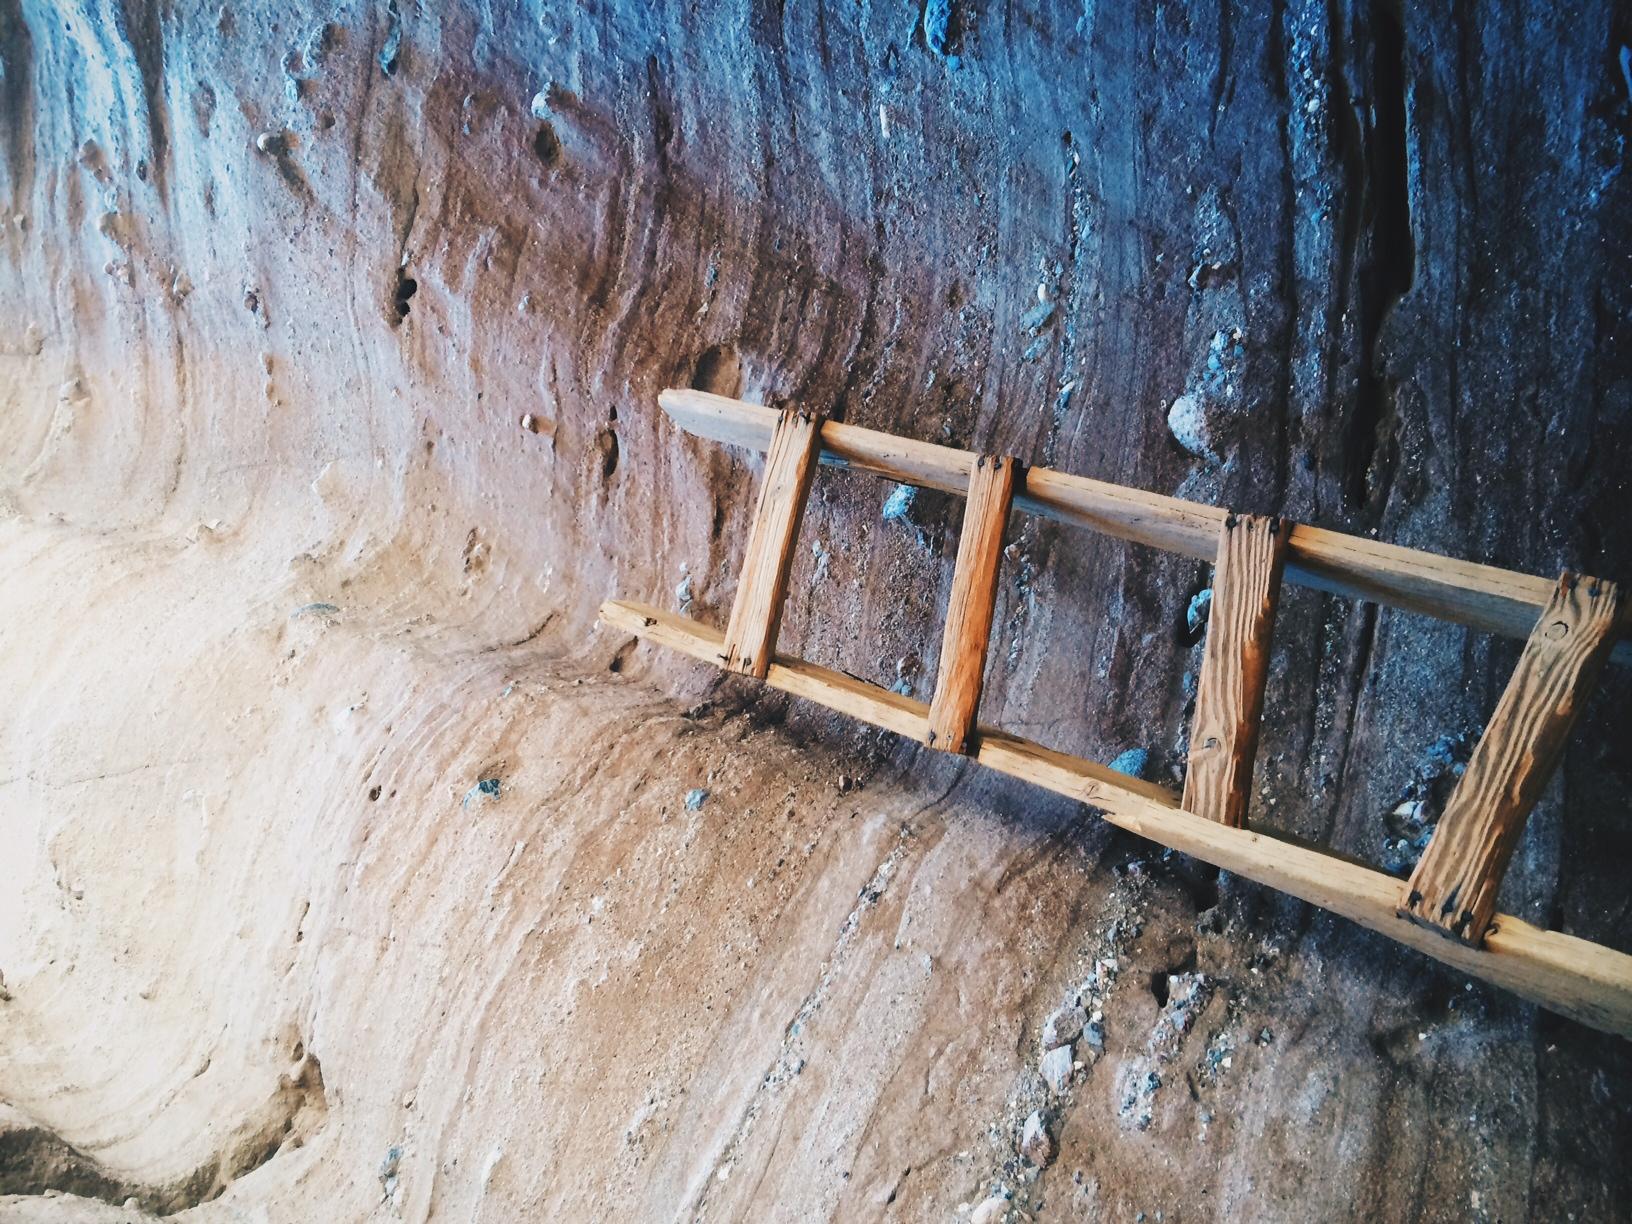 Broken ladder